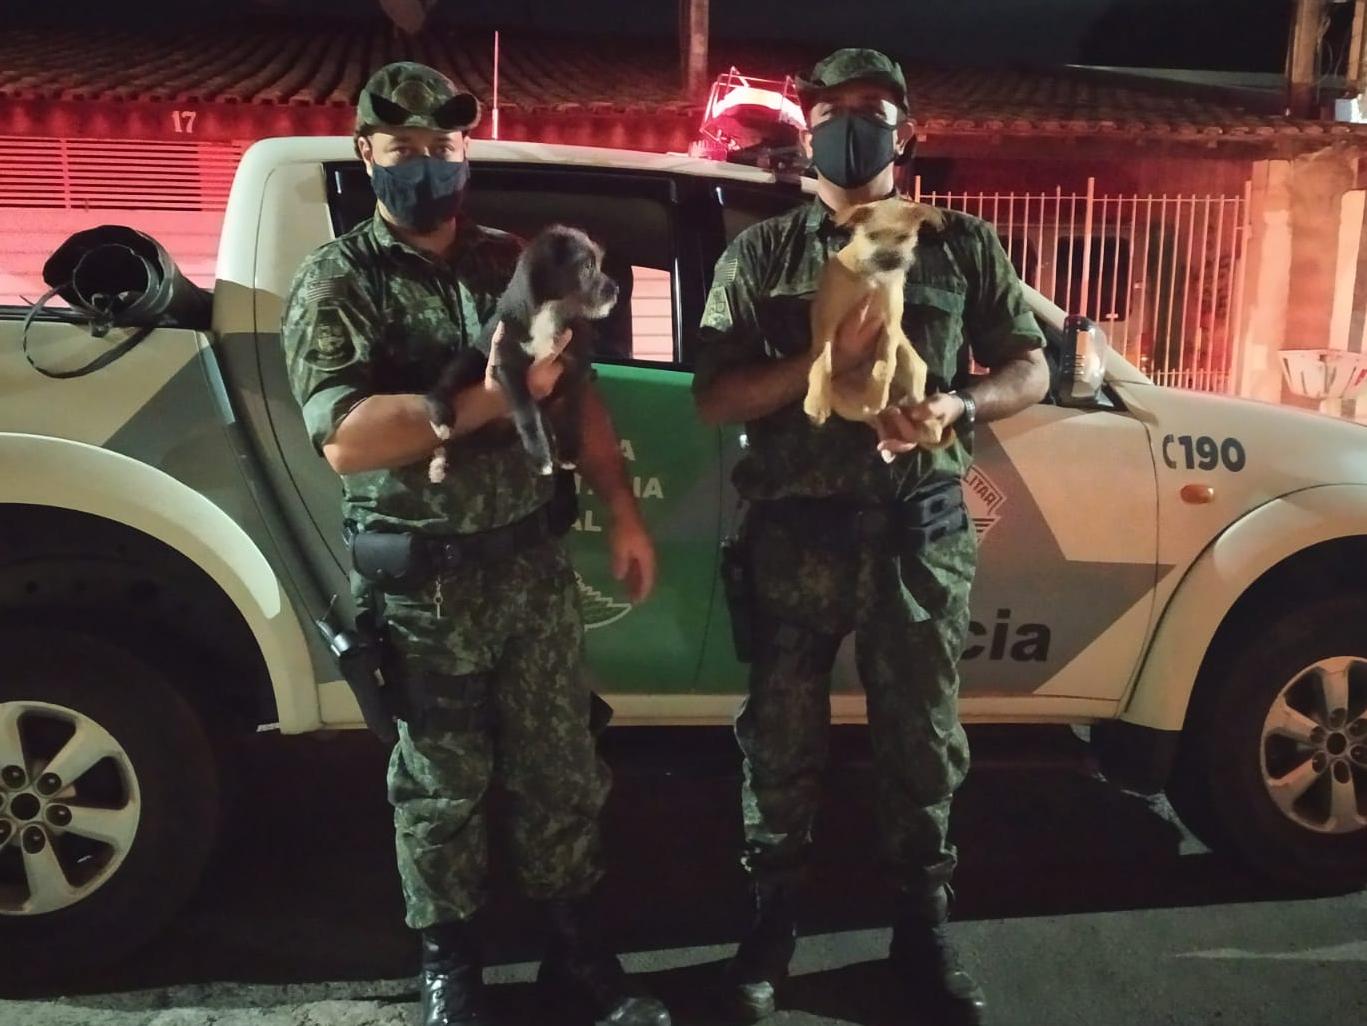 Suspeitos de abandonarem cães em Taubaté são identificados pela Polícia Militar